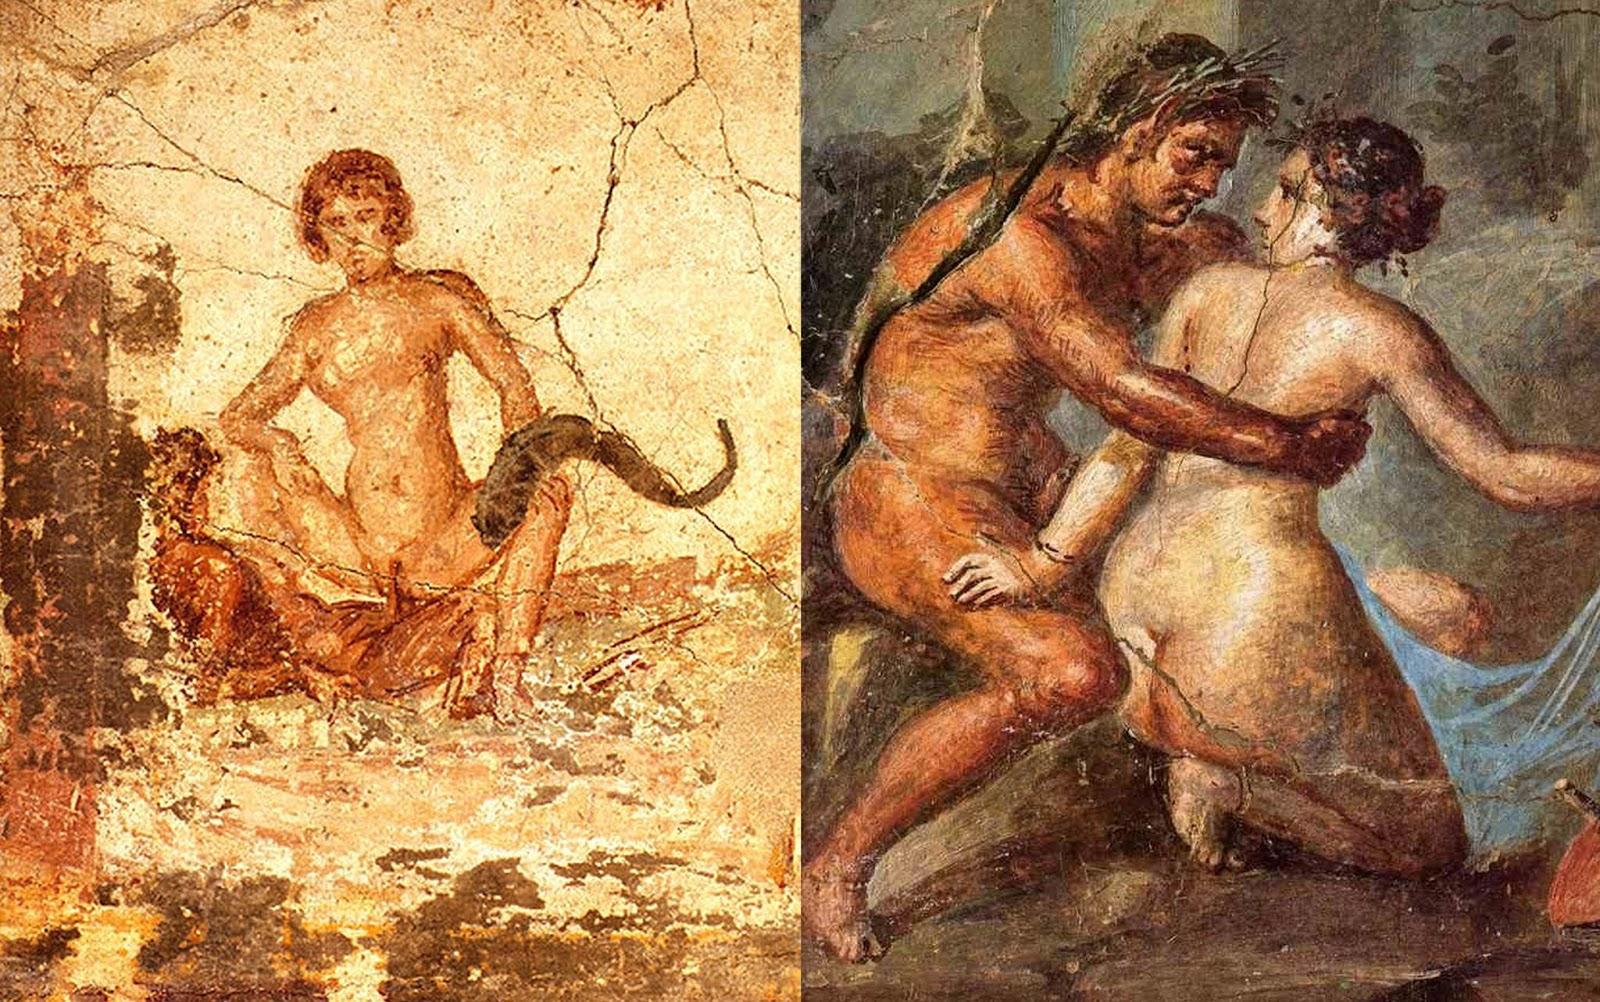 sito di incontro cattivo donne pompei